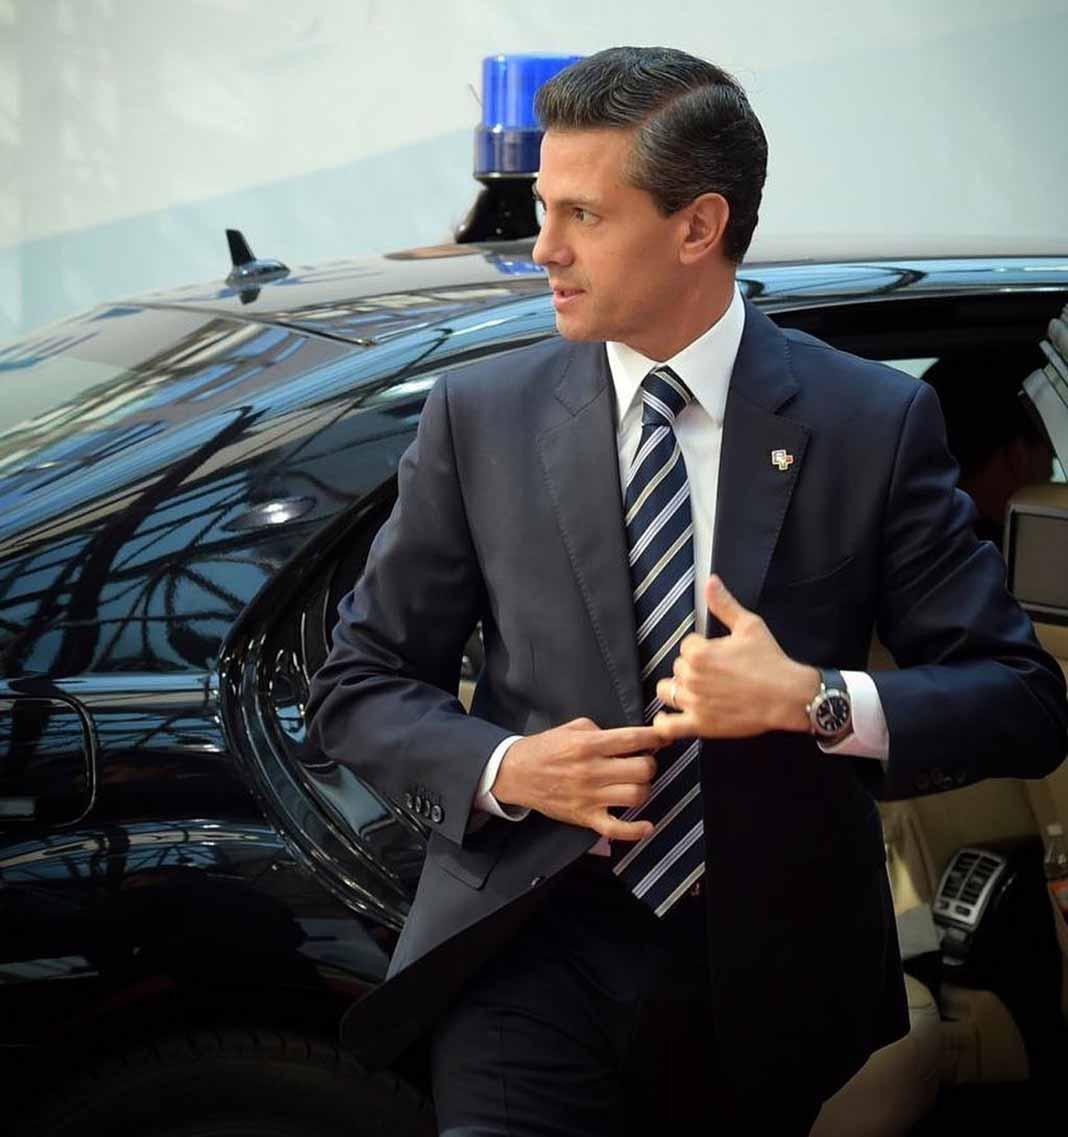 El ex de la modelo dijo que la propia Tania le confirmó que estaba saliendo con Peña Nieto